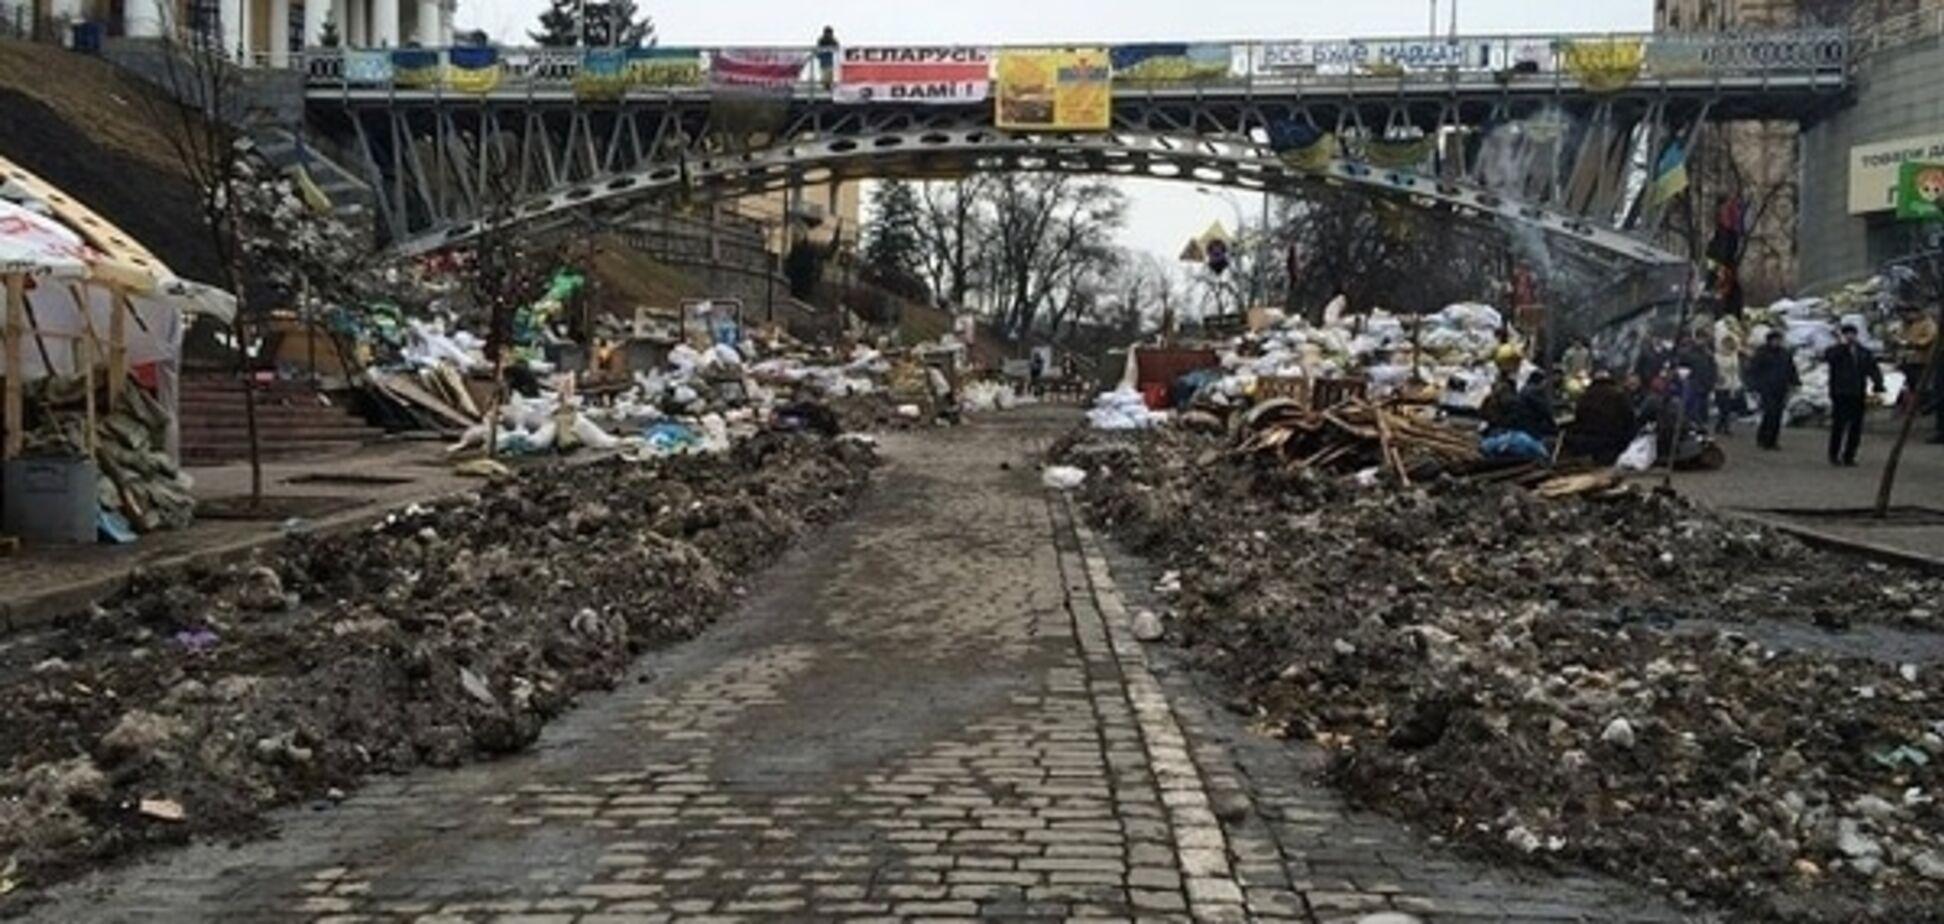 Когда сбылись обещания: 'куля в лоб' и тюрьма для Януковича